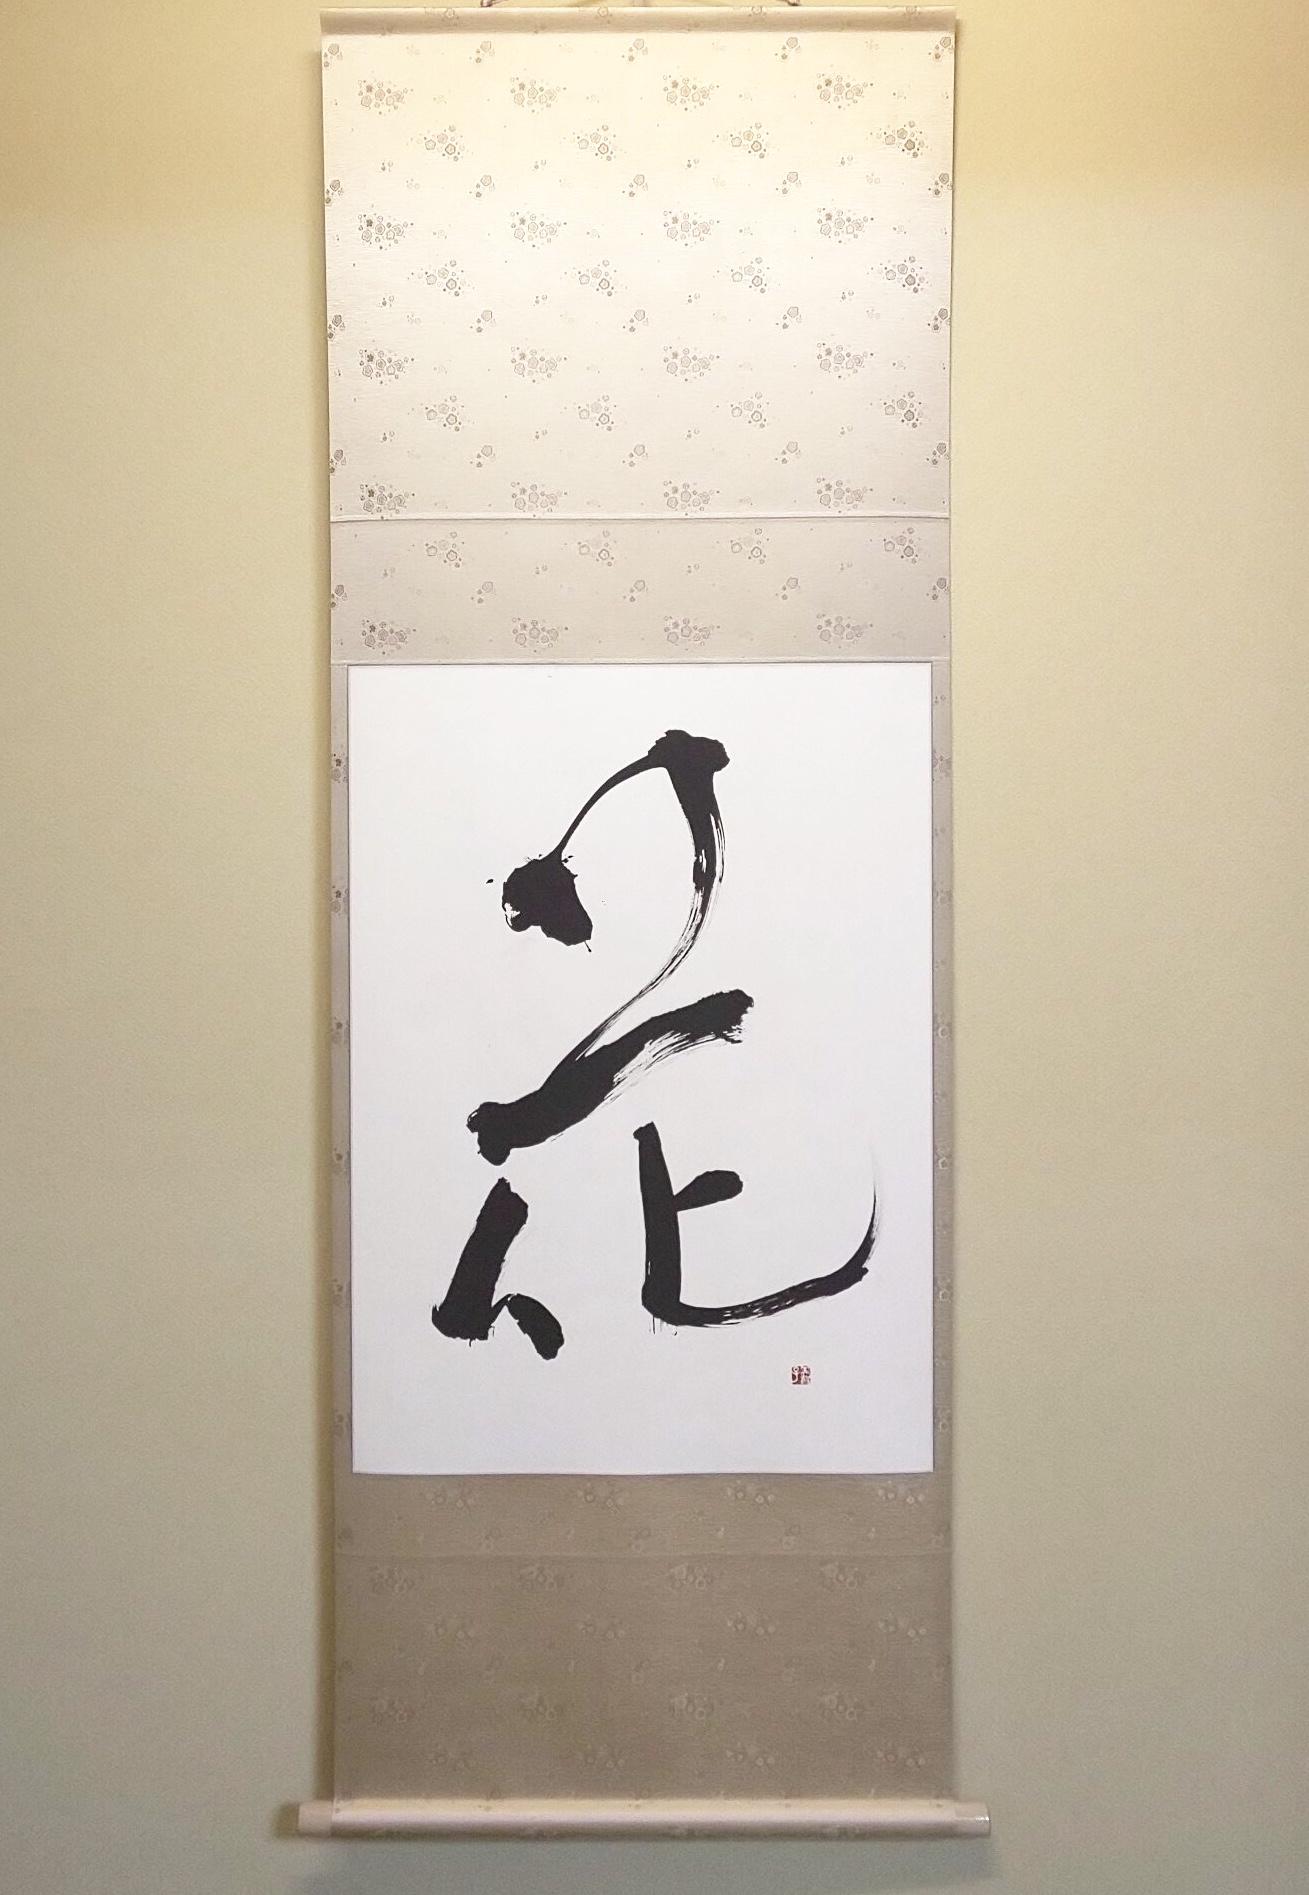 体験:大人のための実用書道教室【火曜夜クラス】 3月2日~